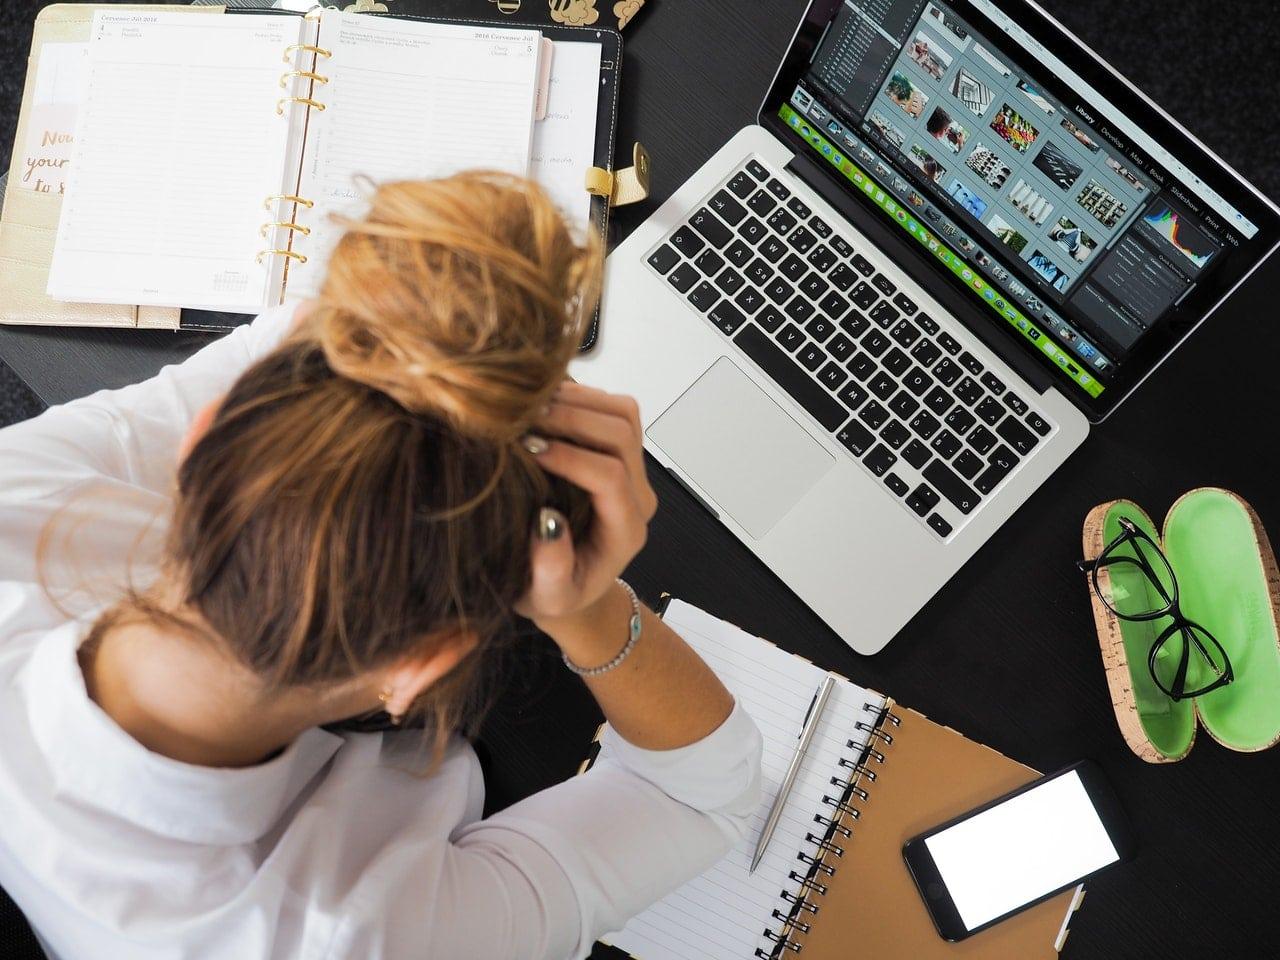 Une jeune femme stressée travaillant devant son ordinateur